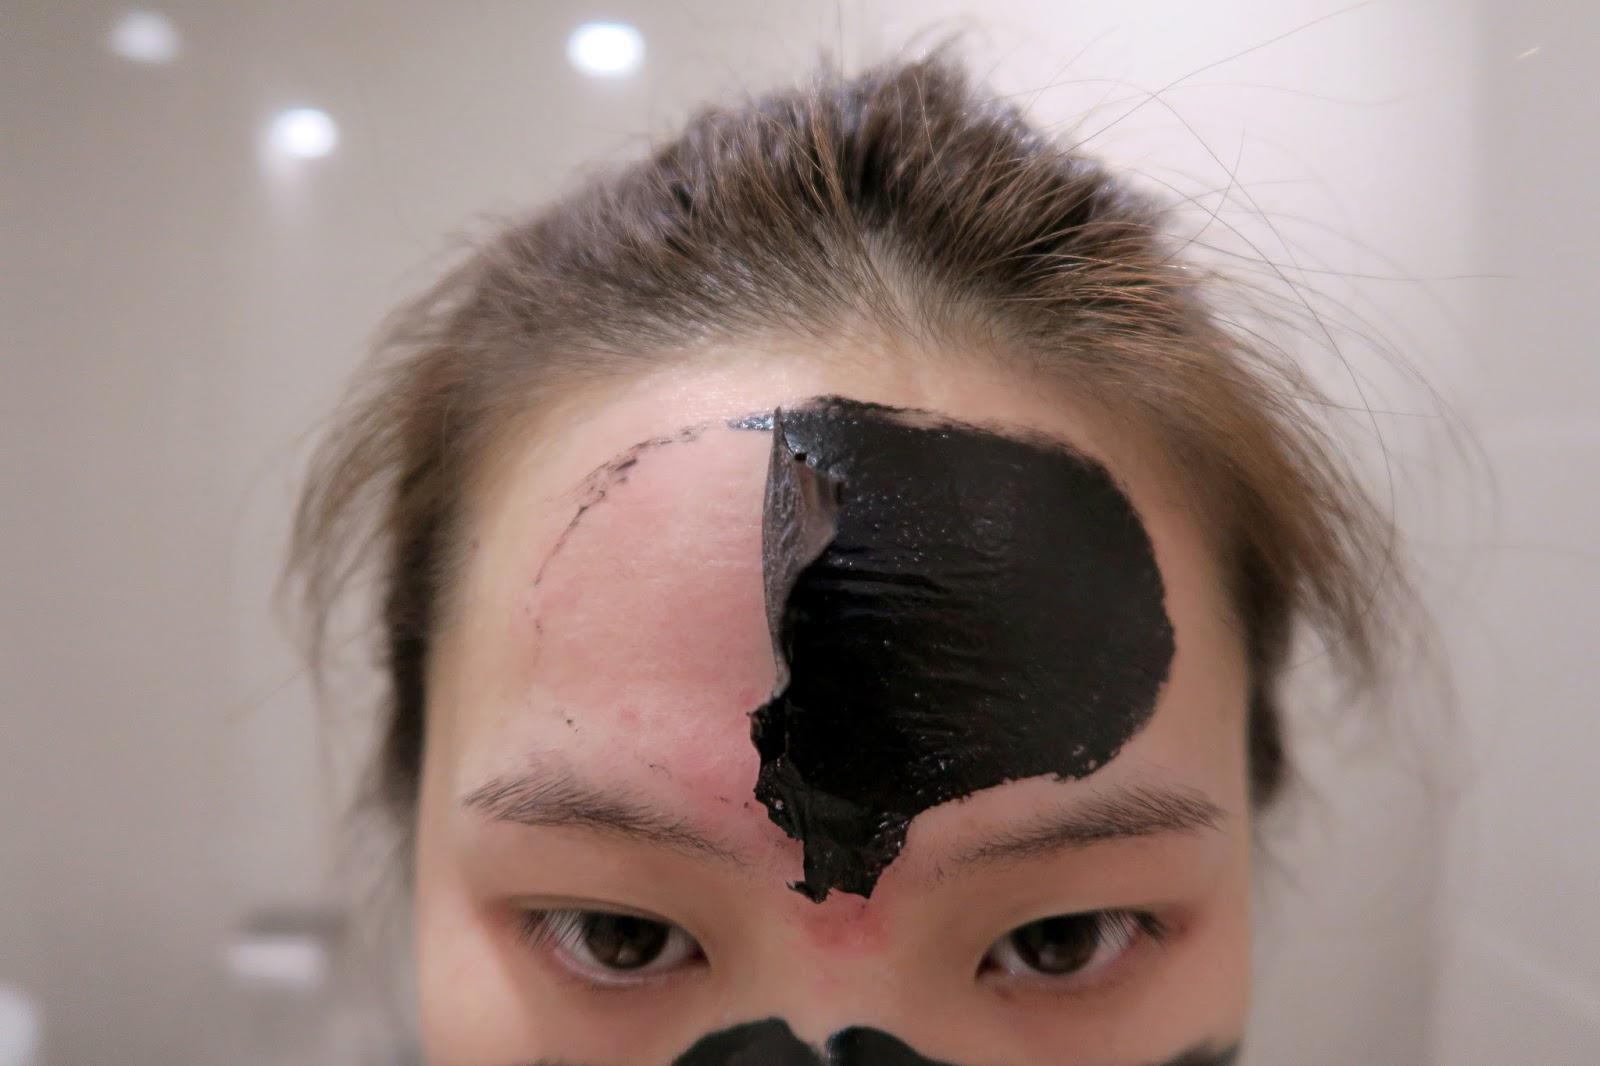 shills acne purifying peel off black mask rosich. Black Bedroom Furniture Sets. Home Design Ideas